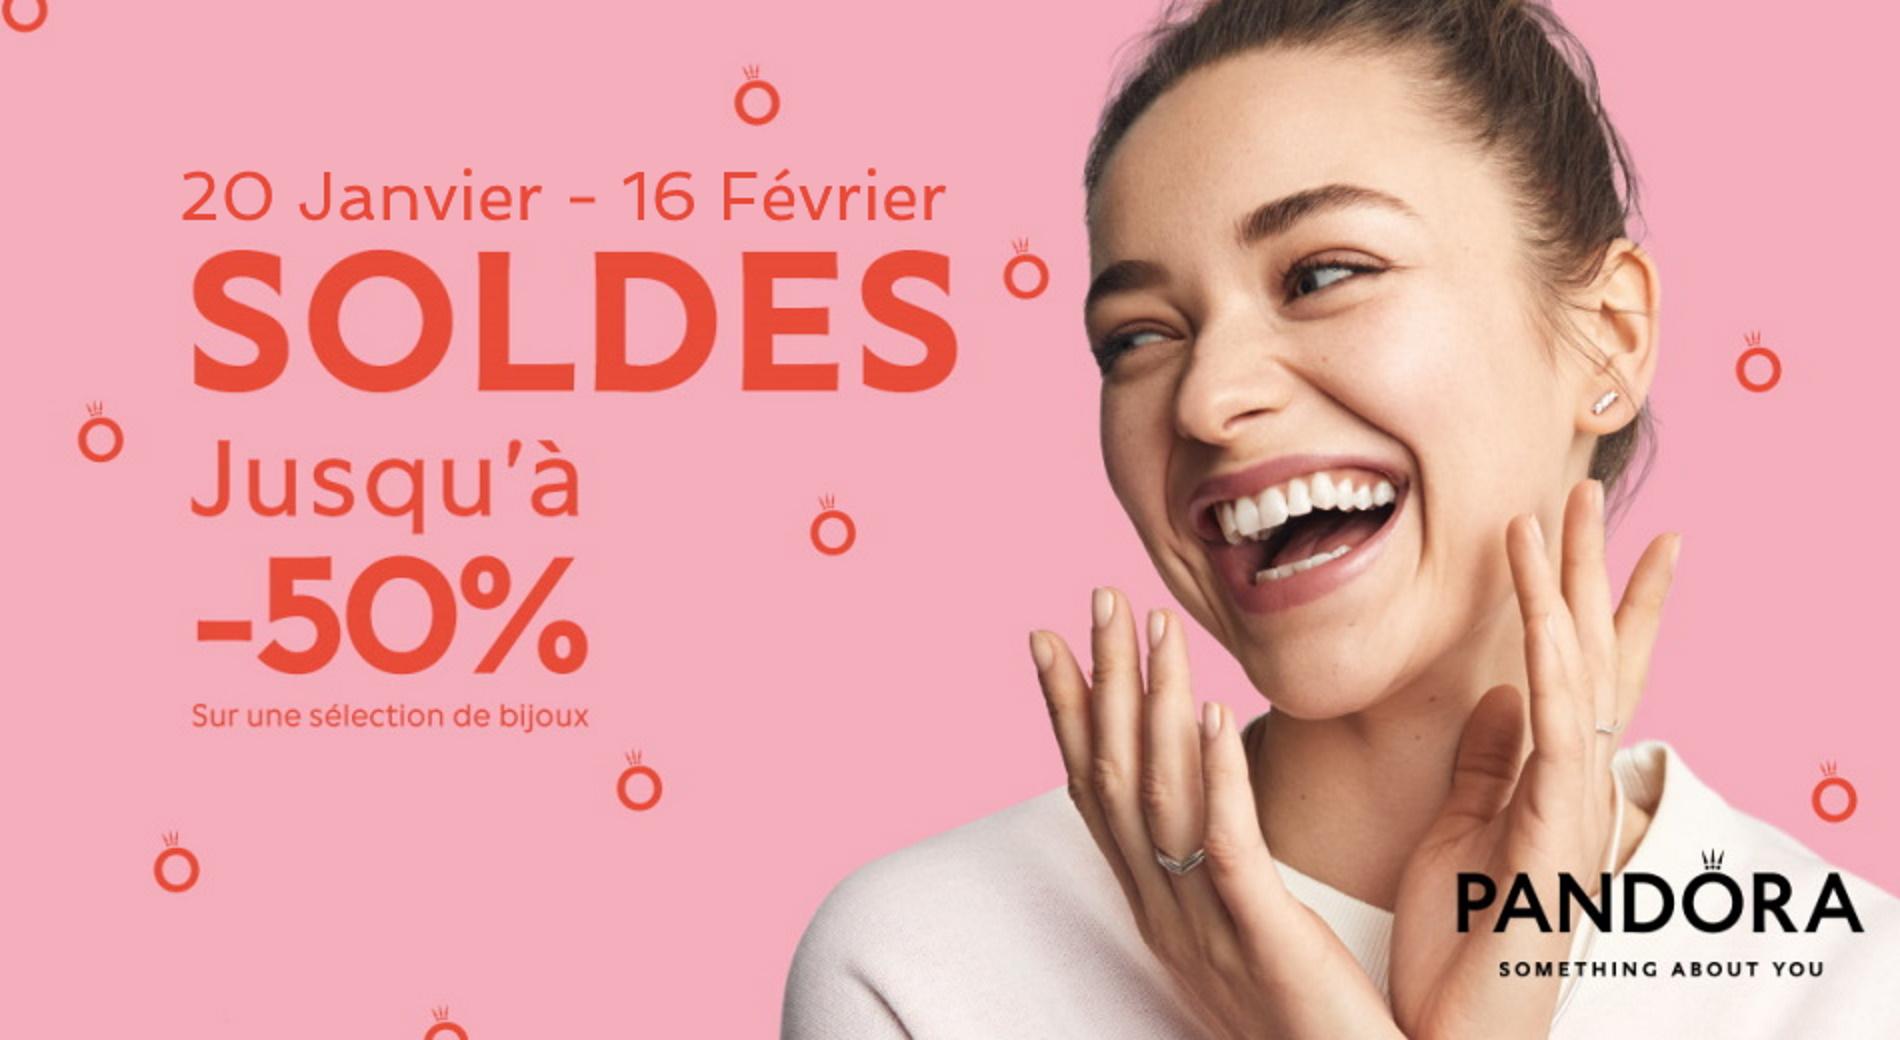 A-Soldes-1040